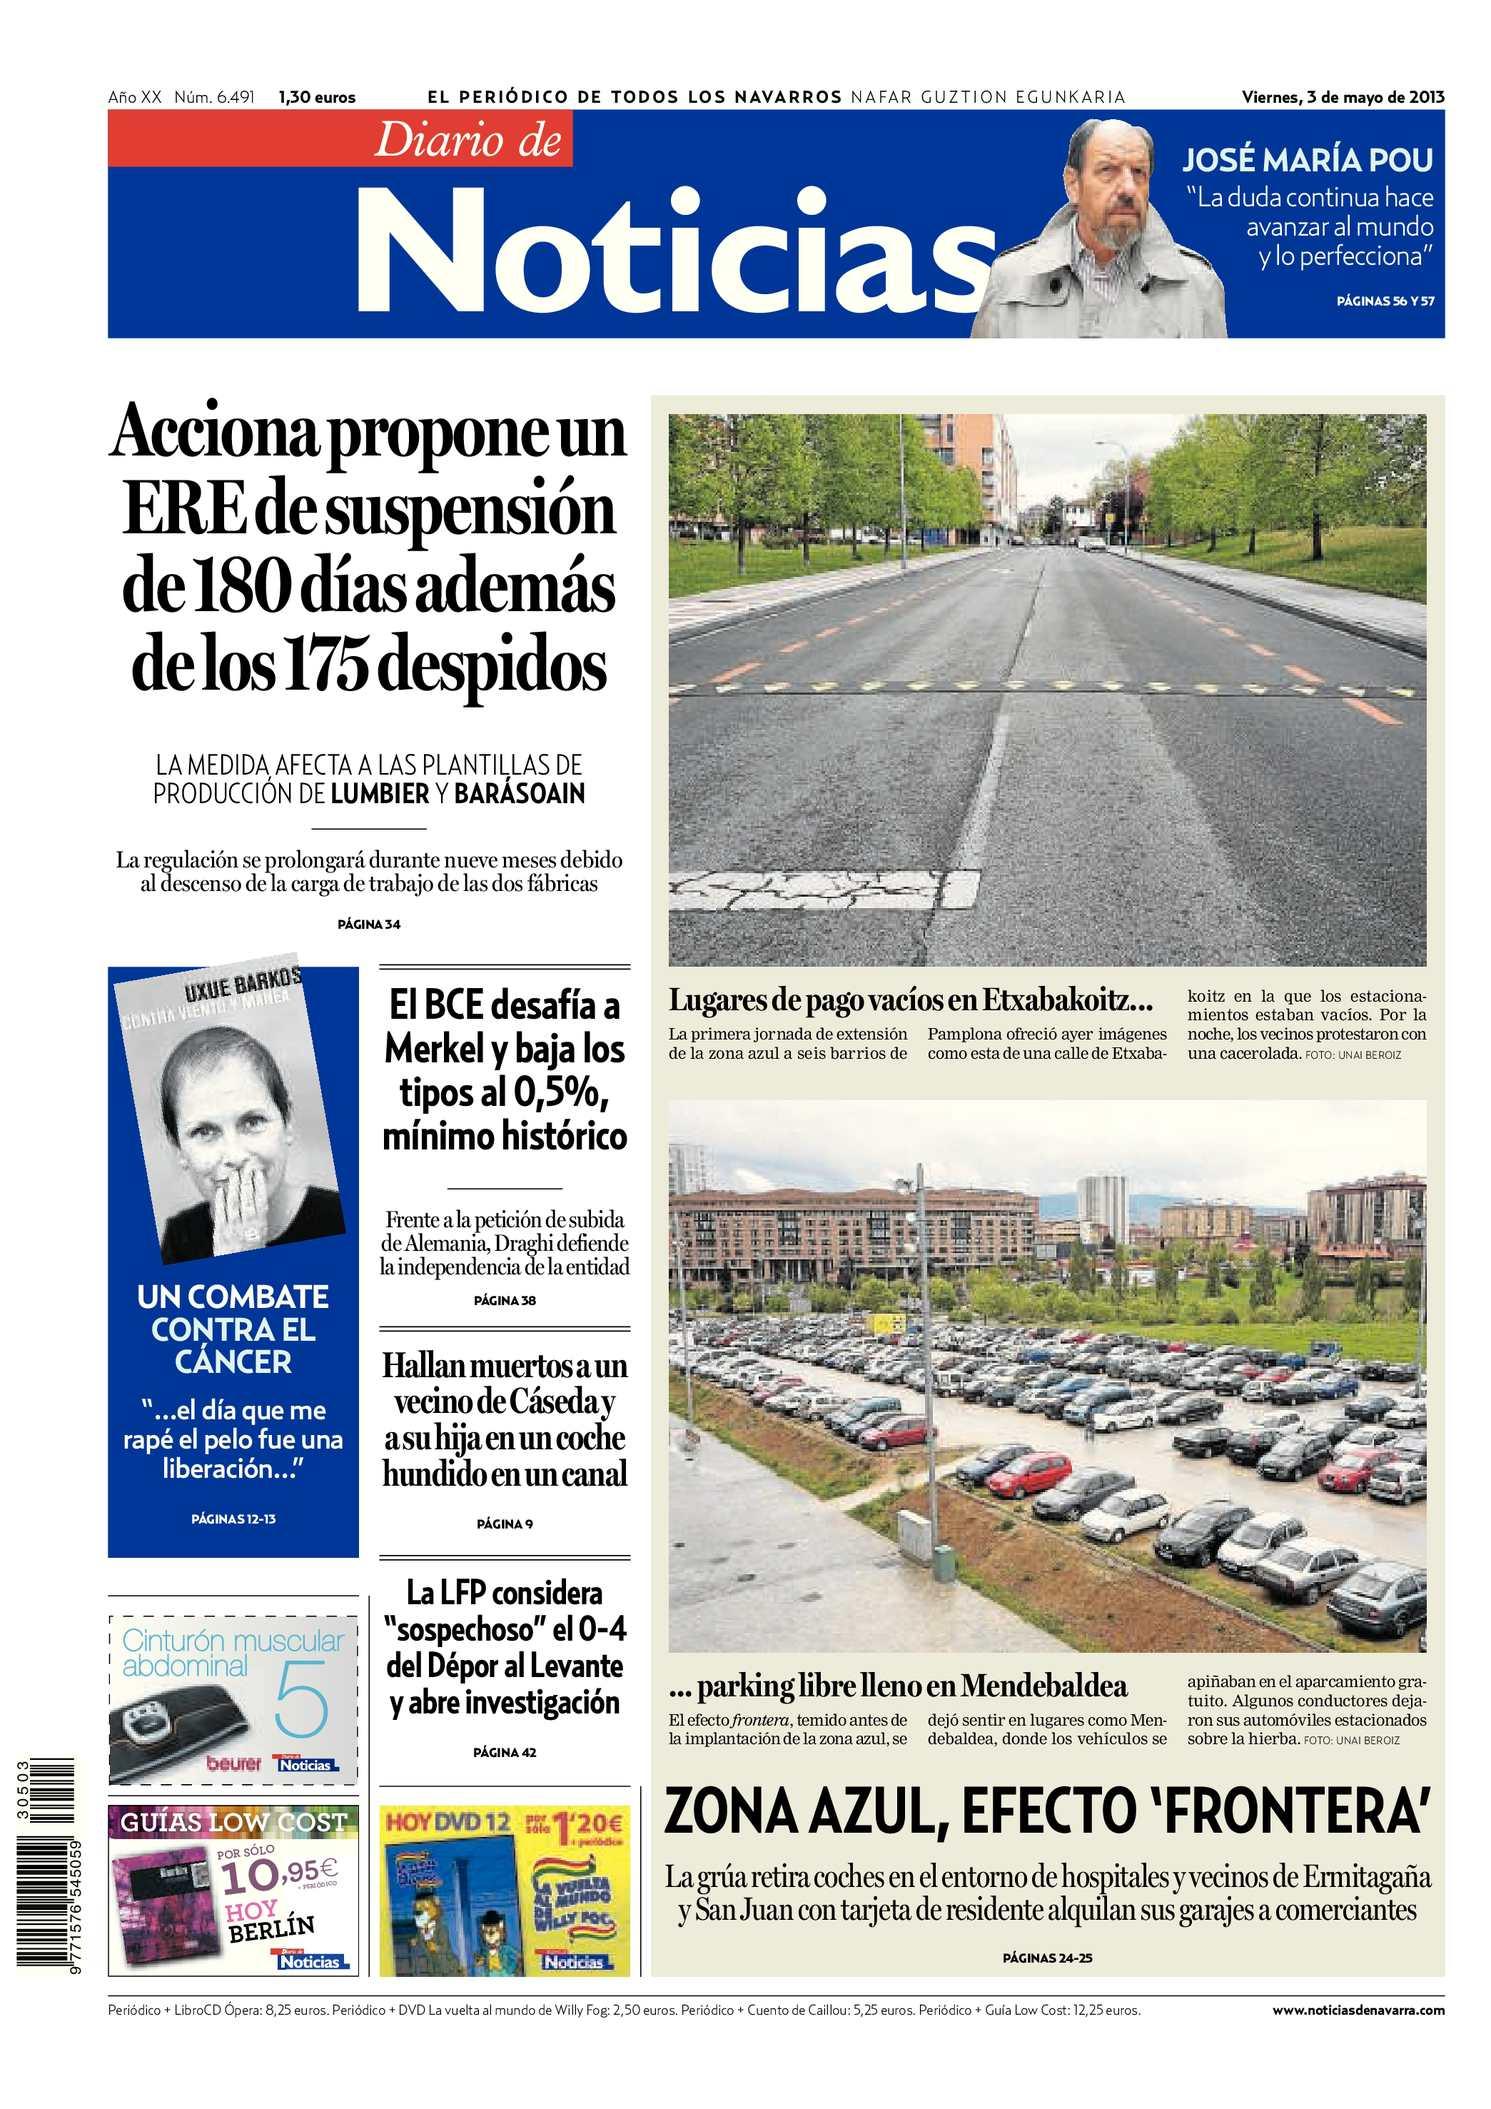 e2ecf29aa4c Calaméo - Diario de Noticias 20130503